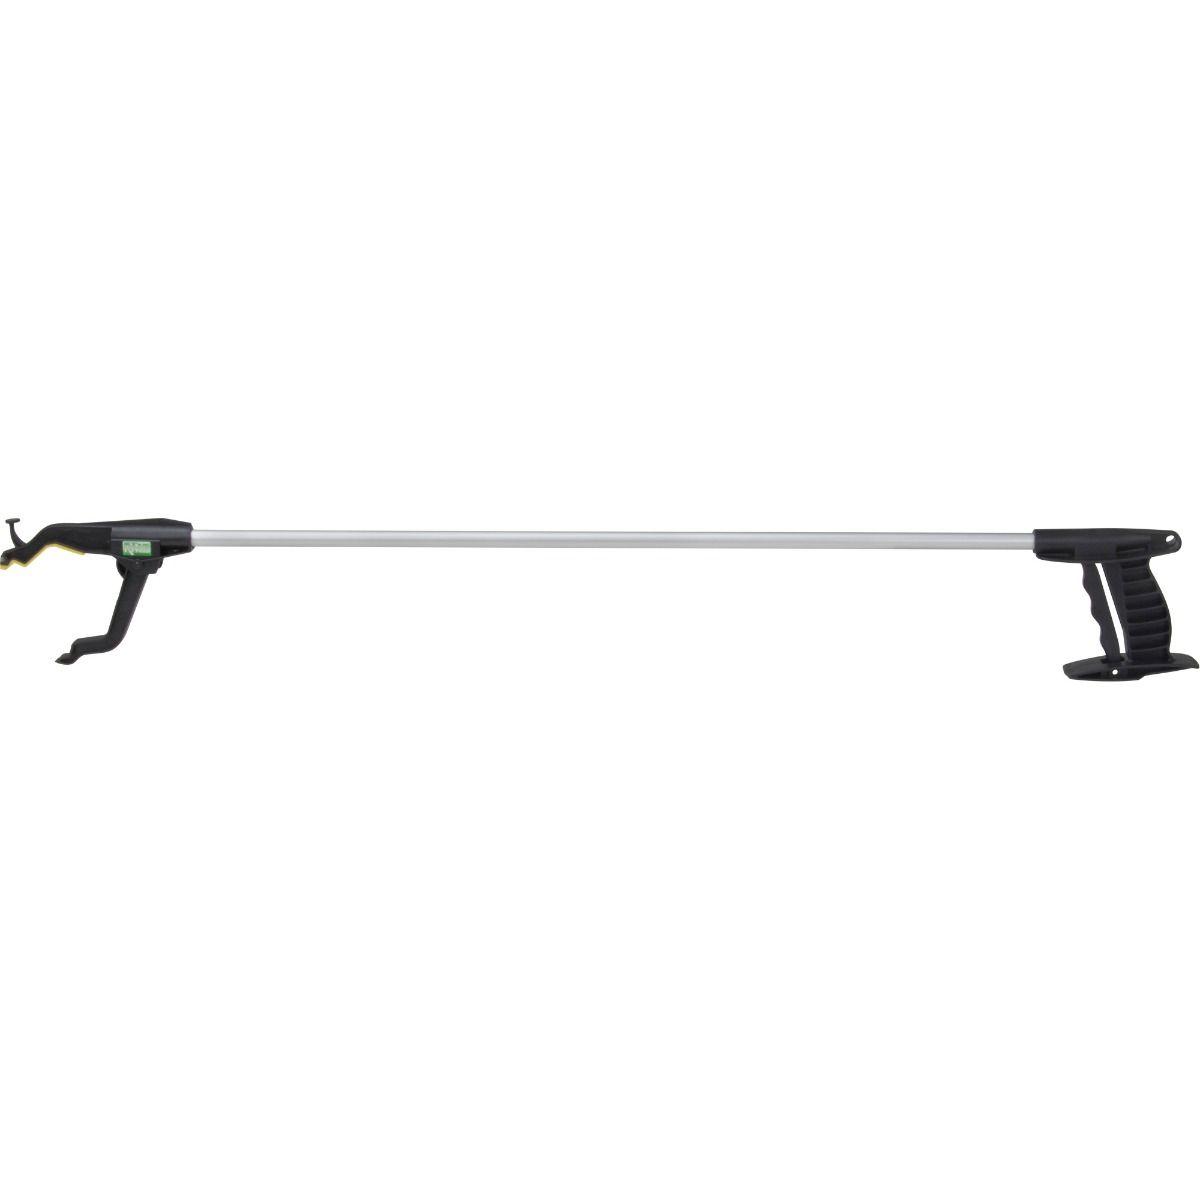 Litter Picker model JK230